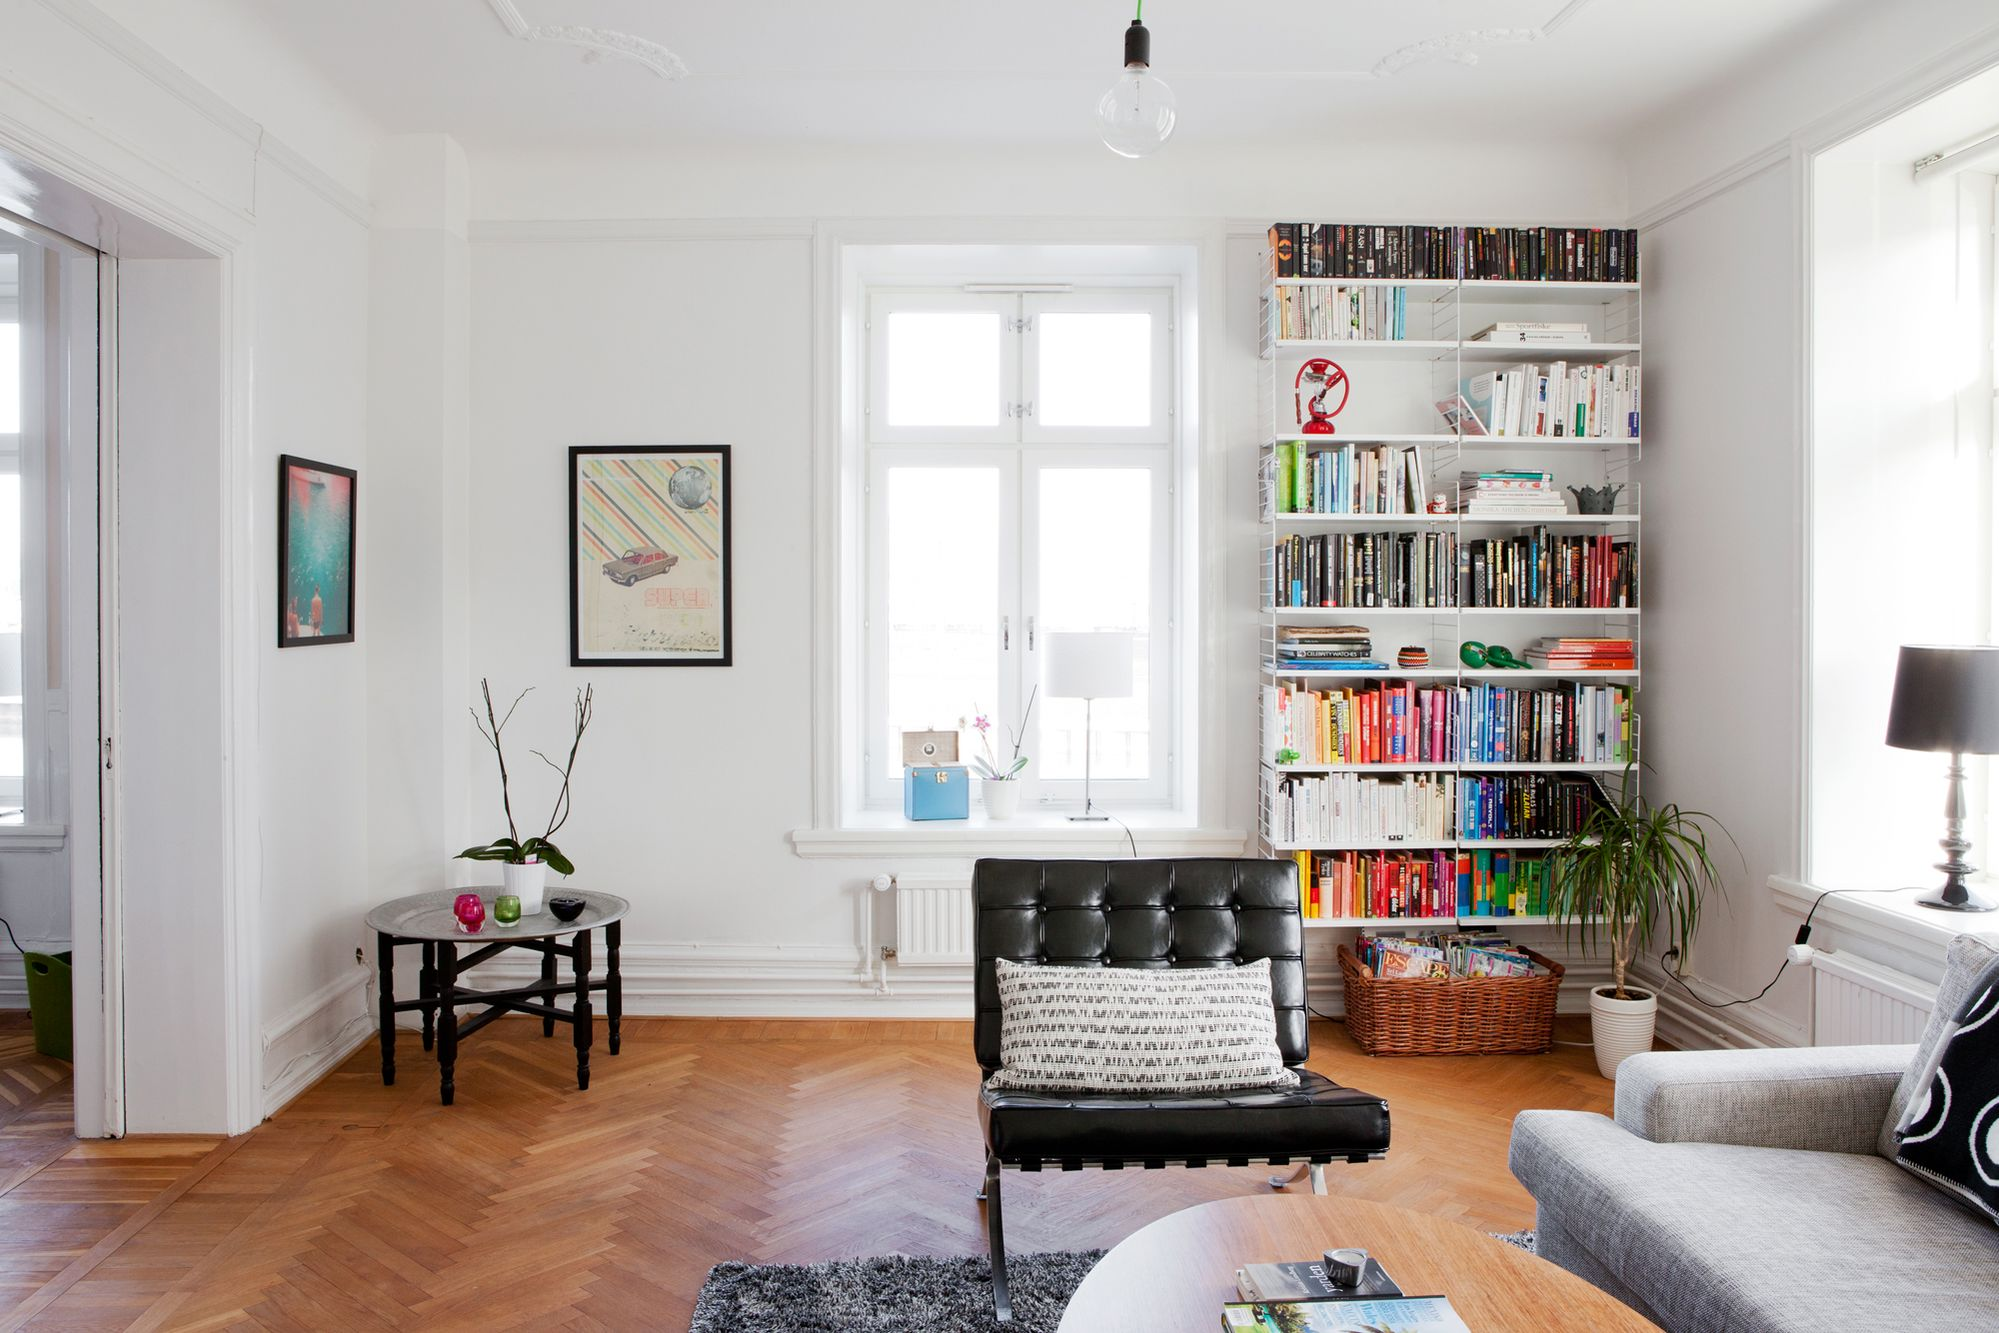 Chill decoraci n oficina para dos en el coraz n de la casa - Decoracion despachos en casa ...